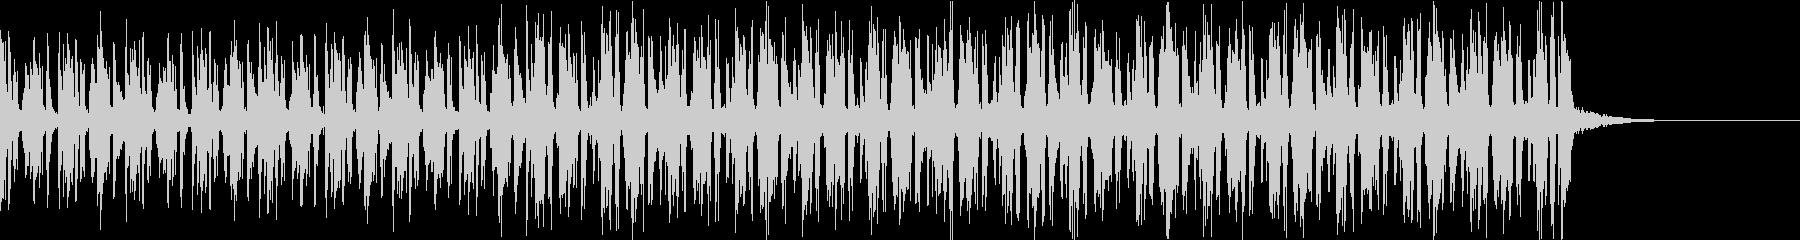 Pf「段階」和風現代ジャズの未再生の波形